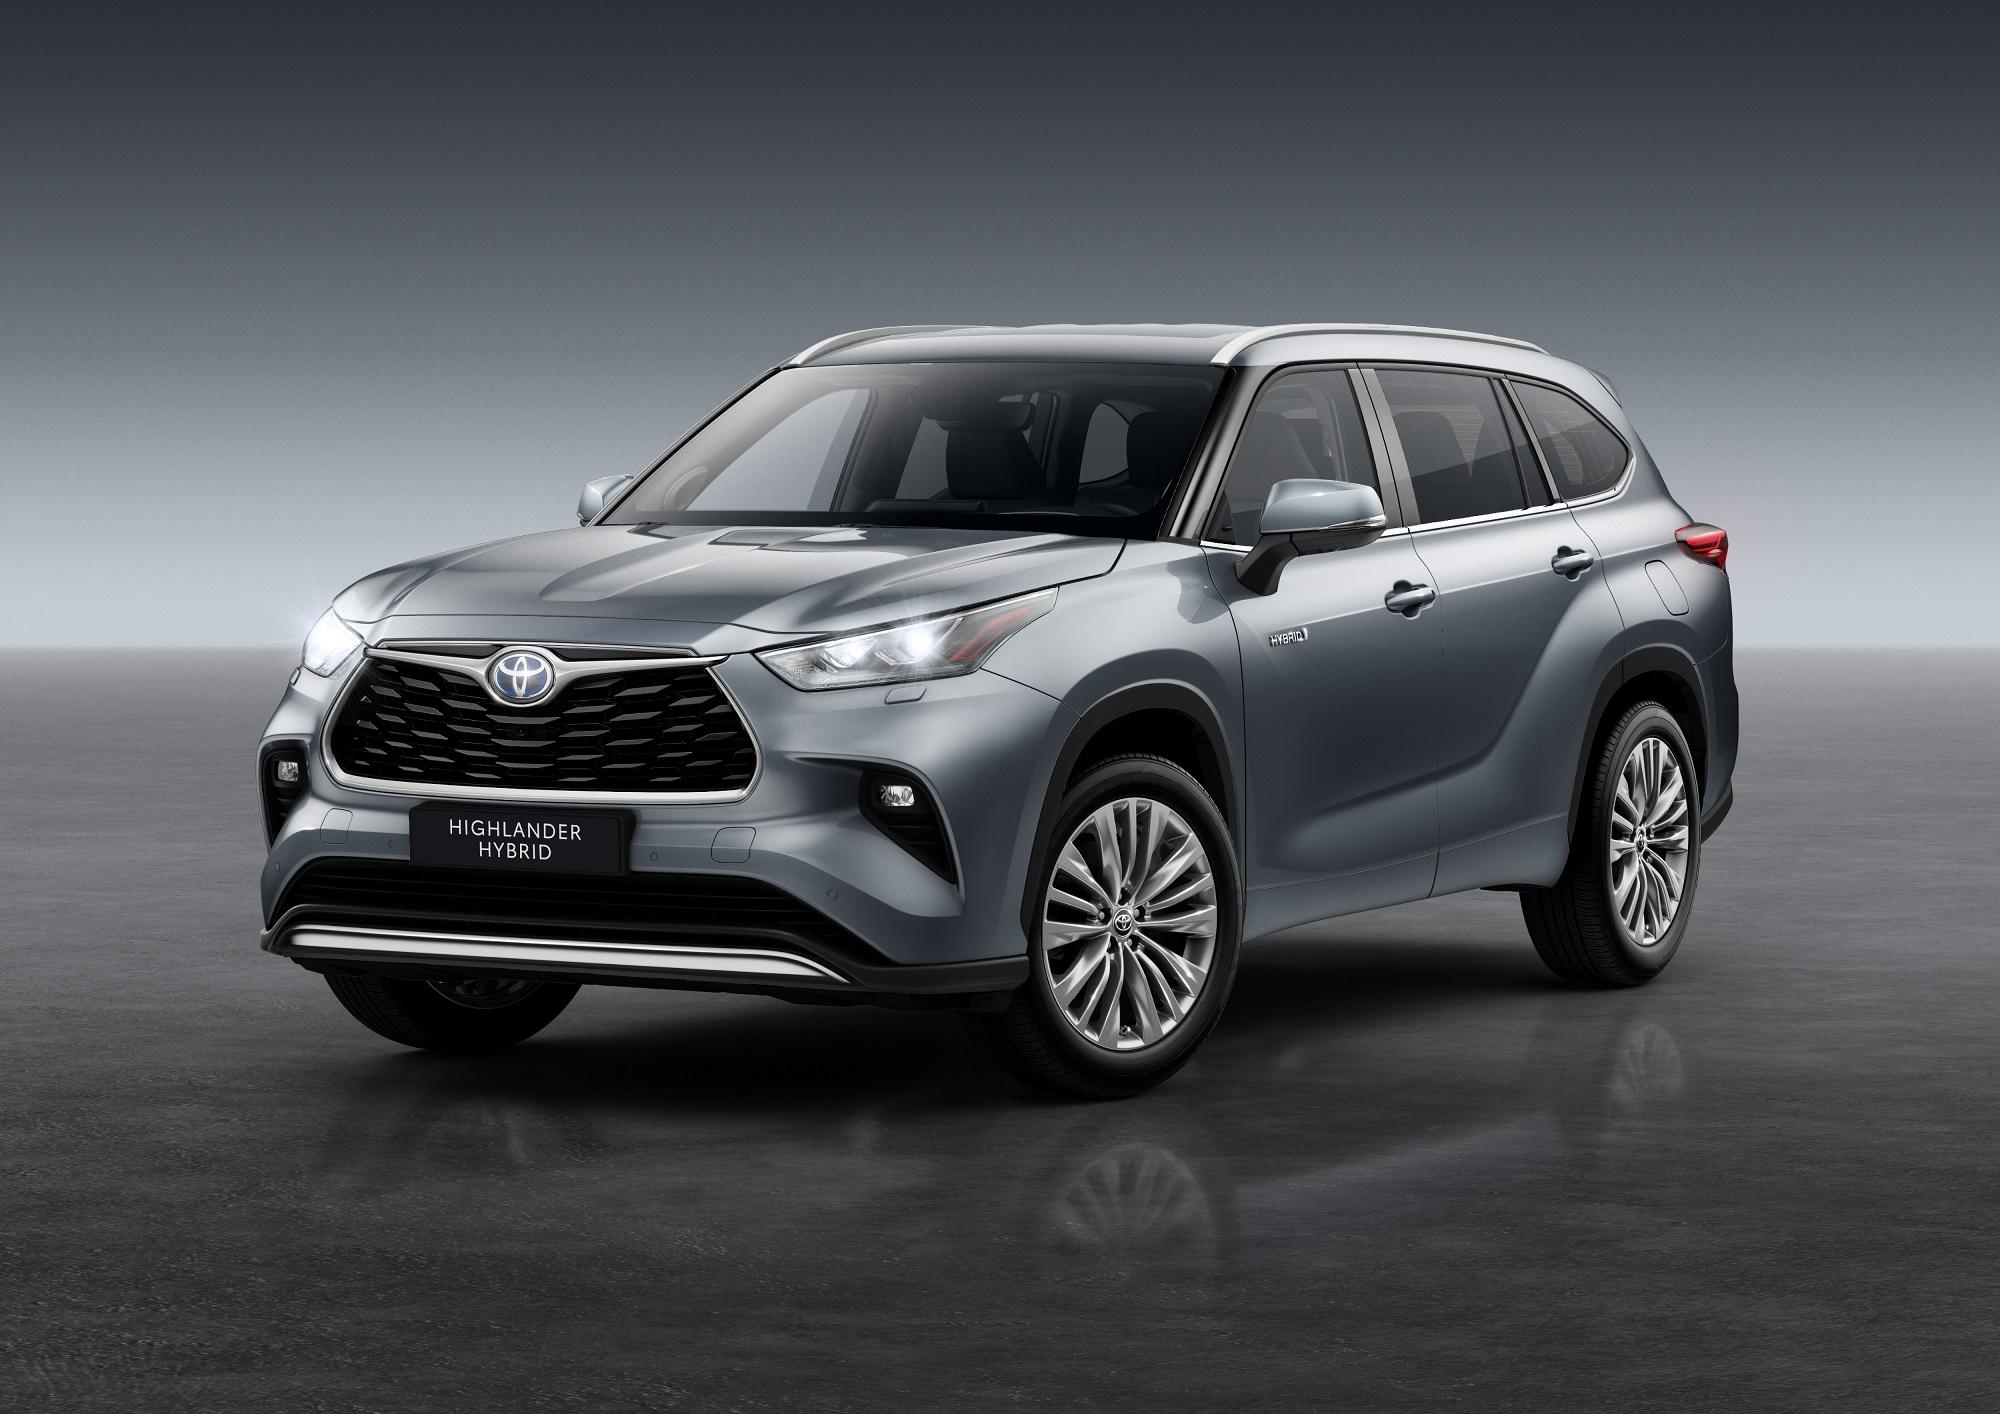 Toyota podala patent. Jej autá sa budú pri parkovaní pohybovať bokom